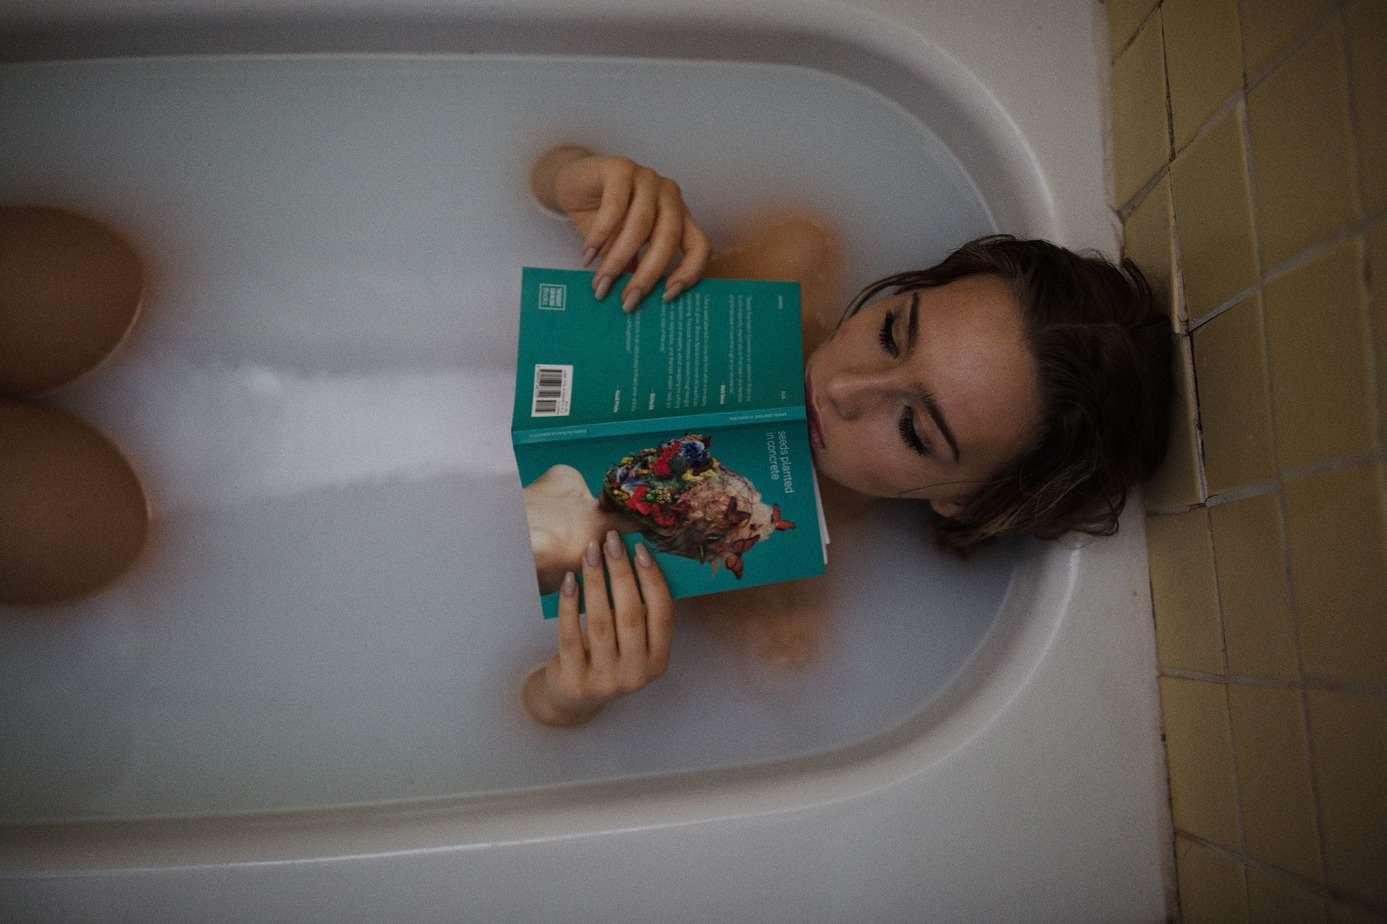 conseil hygiène du sommeil bain lecture remede insomnie